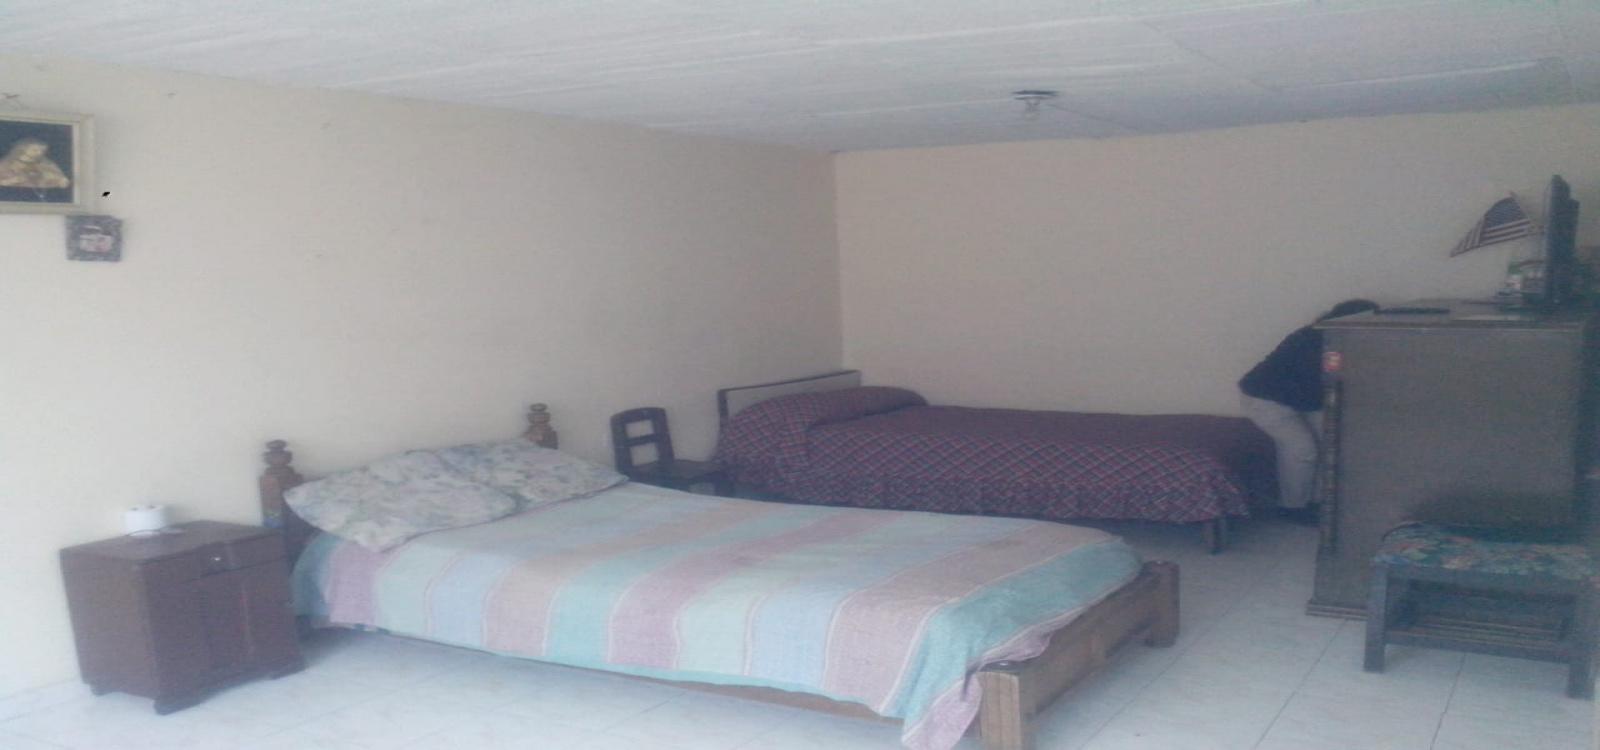 11-39 Este 40 B Bis Sur,Bogotá,Sur,San José Sur Oriental,8 Habitaciones Habitaciones,4 LavabosLavabos,Casas,40 B Bis Sur,1600